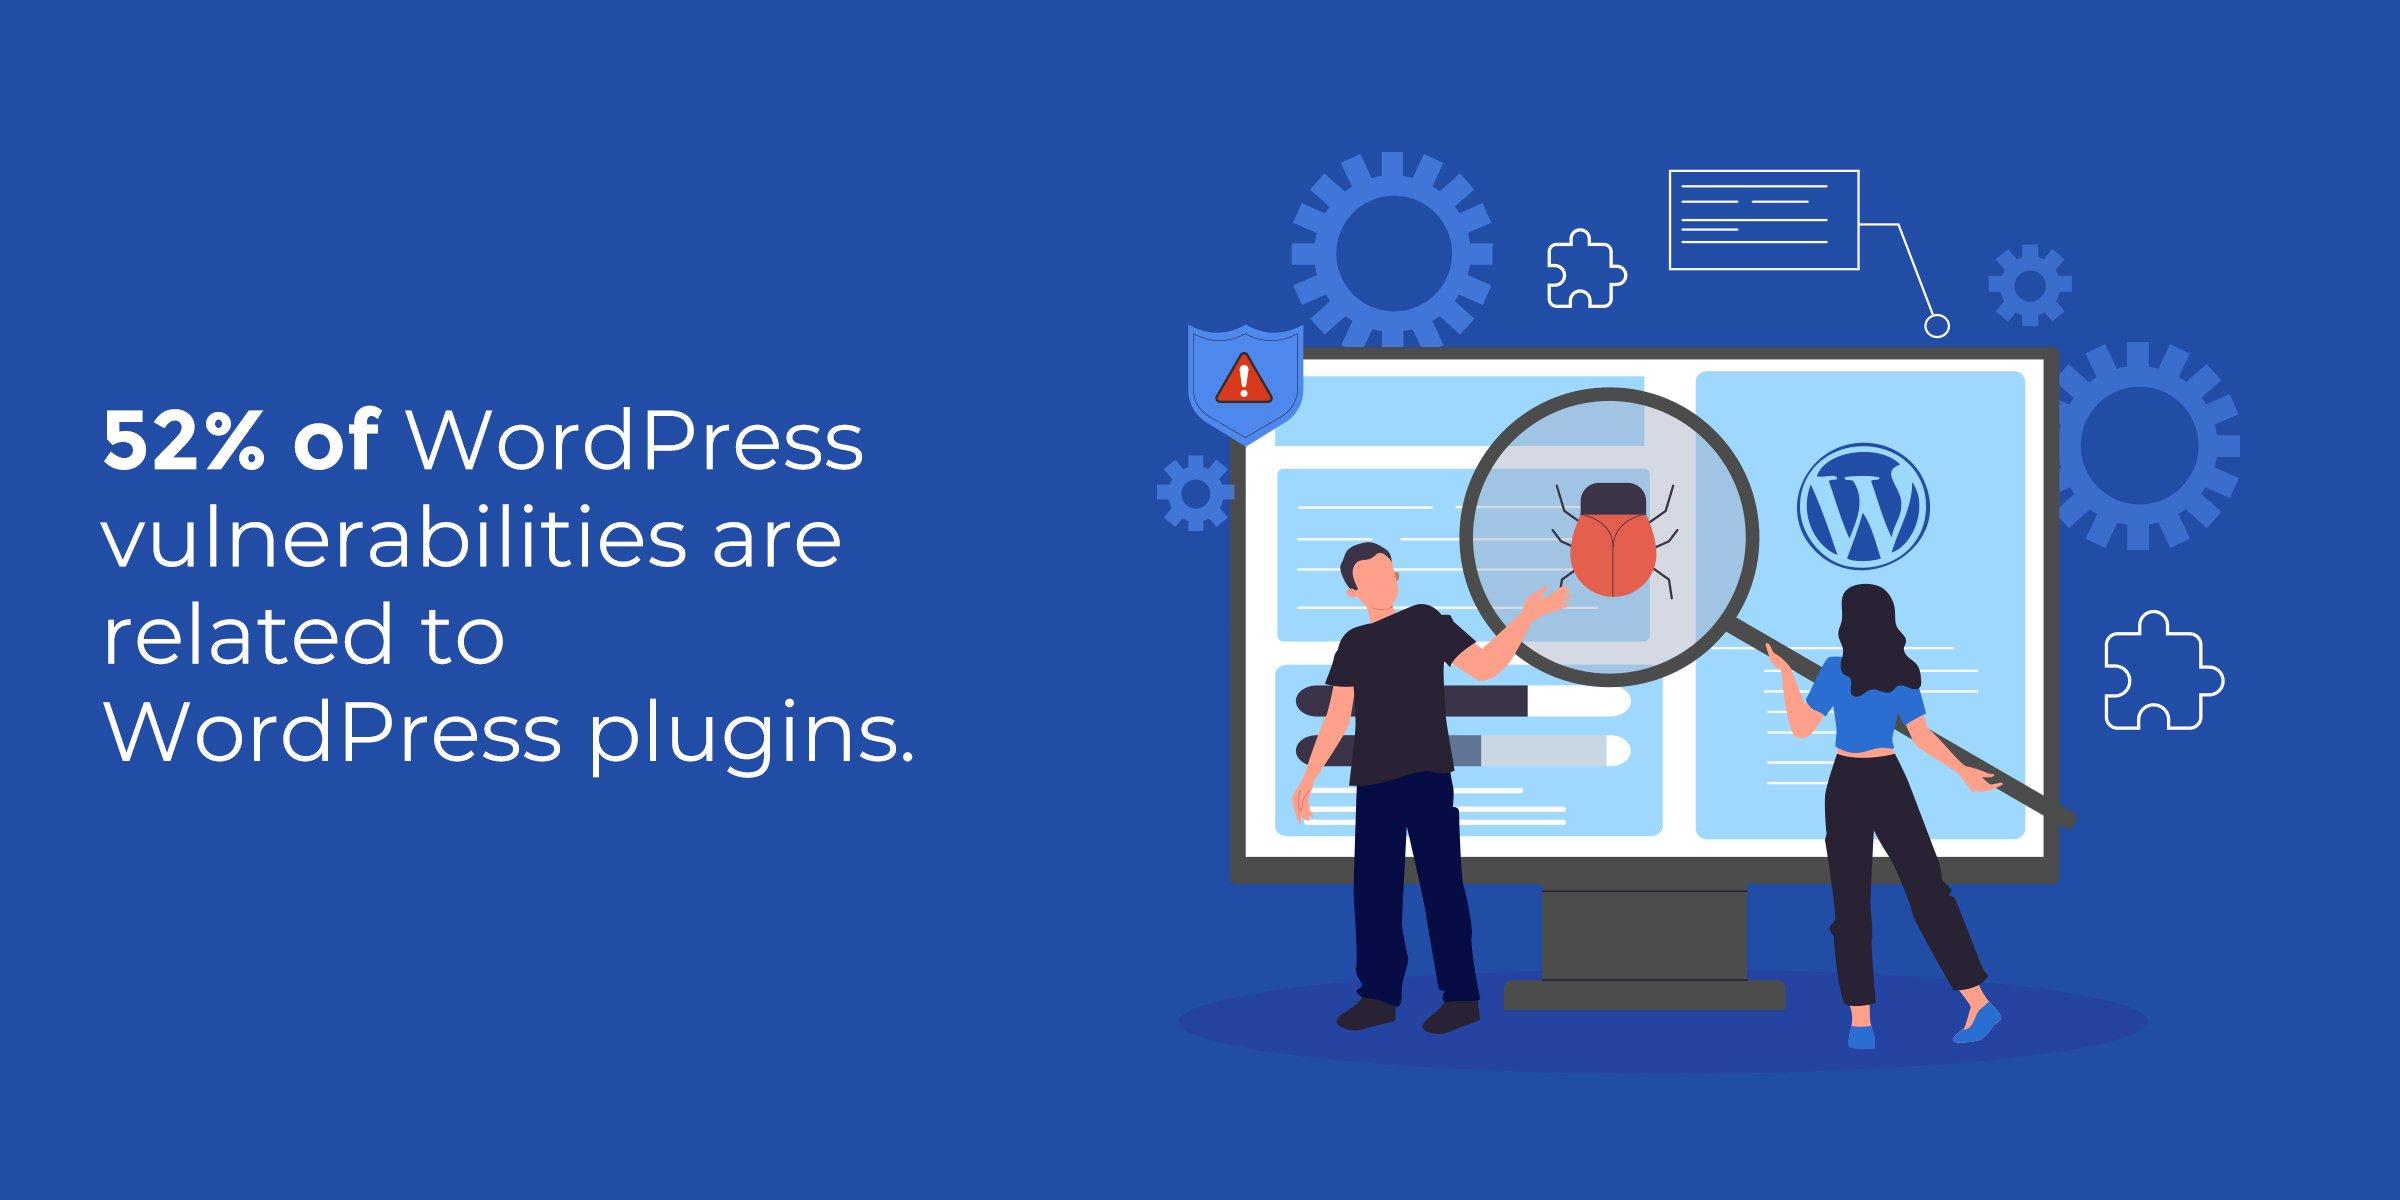 WordPress Statistics - Vulnerabilities